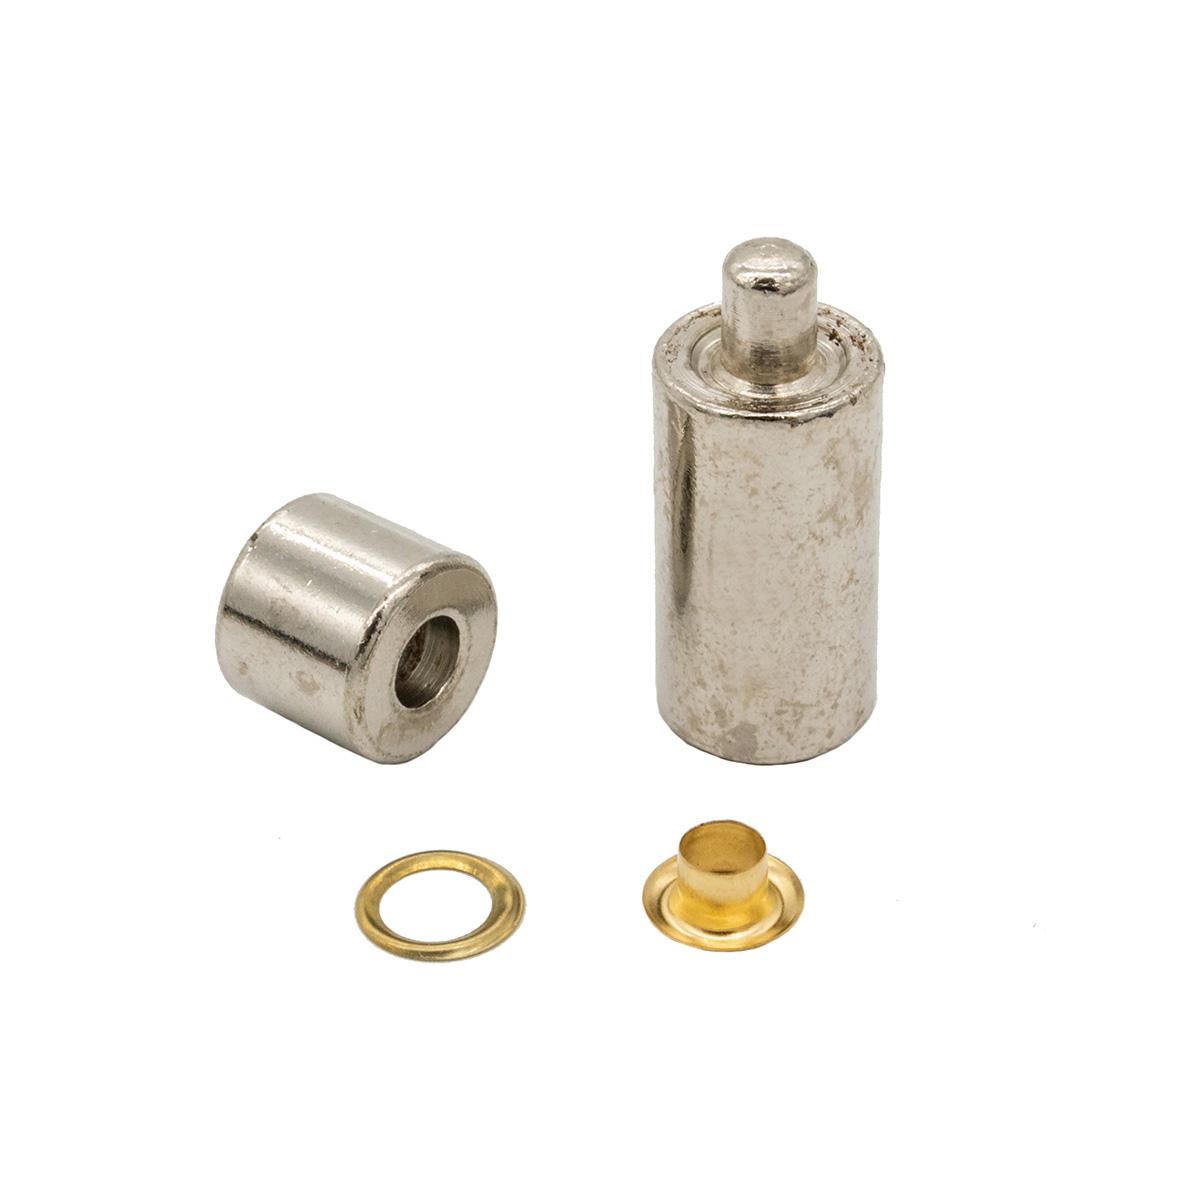 Люверсы с инструм. для устан., 40 компл., д-4 мм, золото 530412, Hobby&Pro